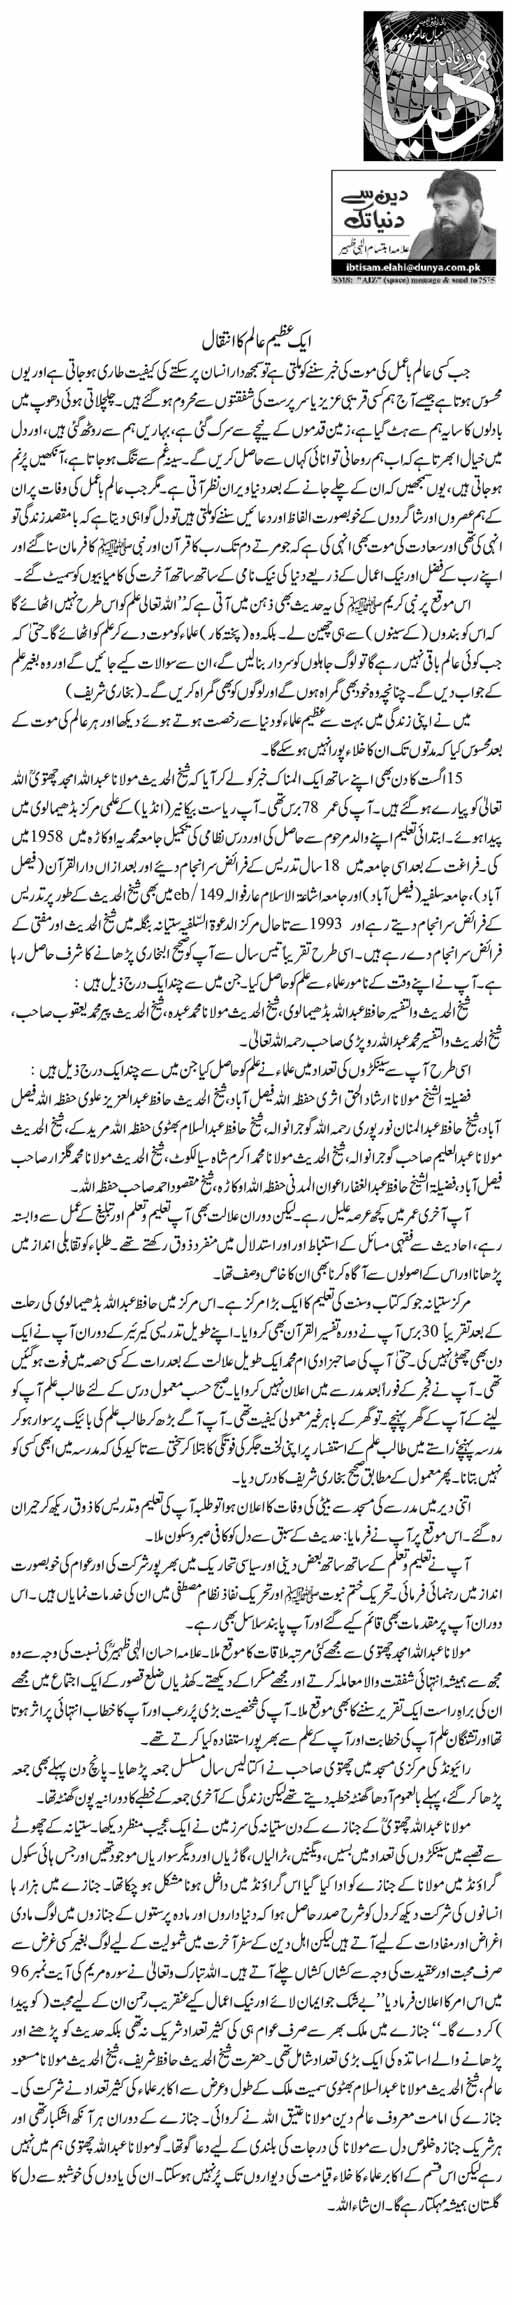 Aik azeem Aalim Ka Inteqal - Abtisam Ilahi zaheer - 17 August 2017